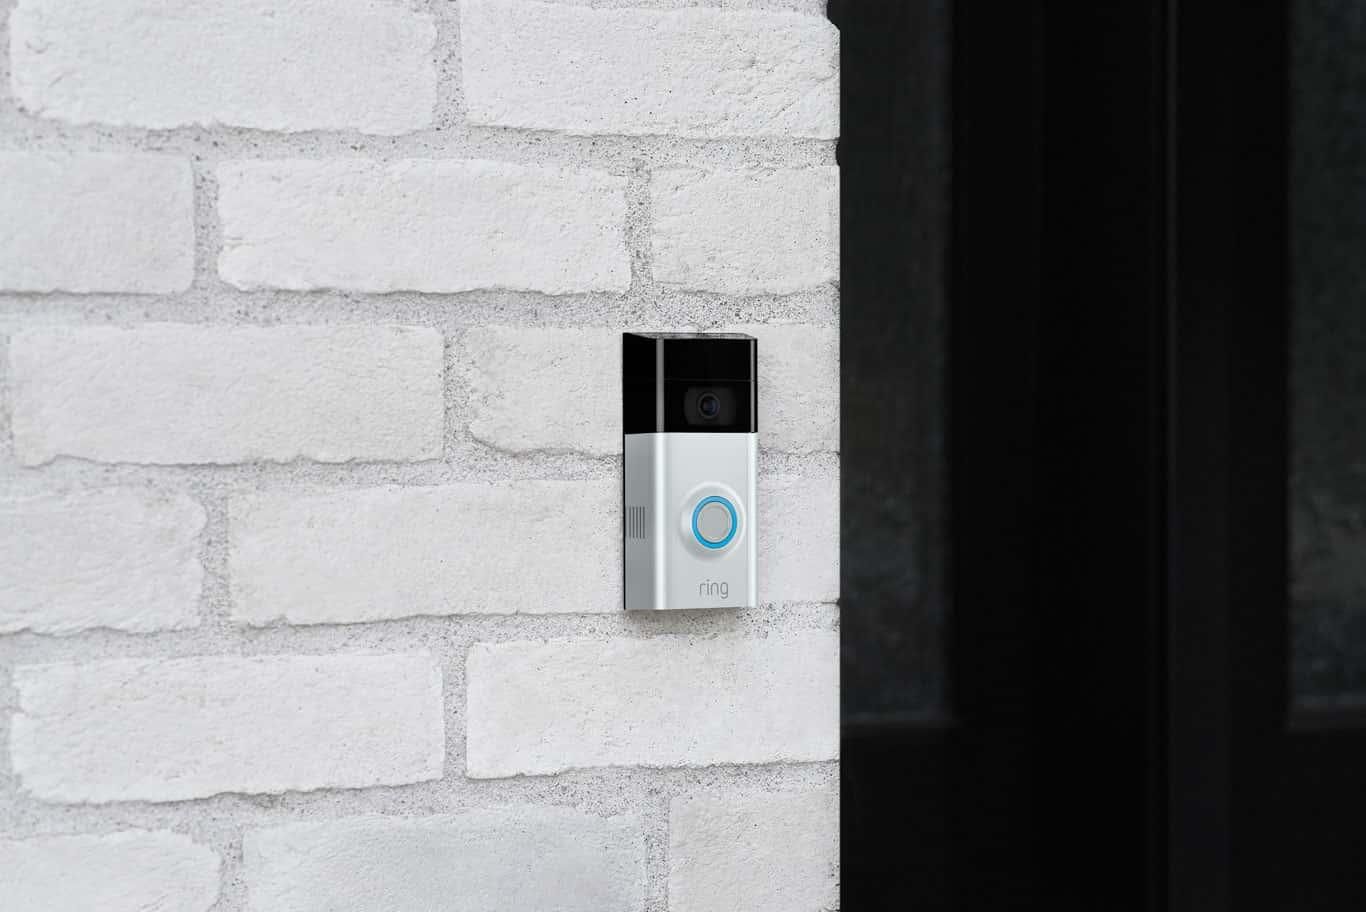 Ring Video Doorbell second generation 3